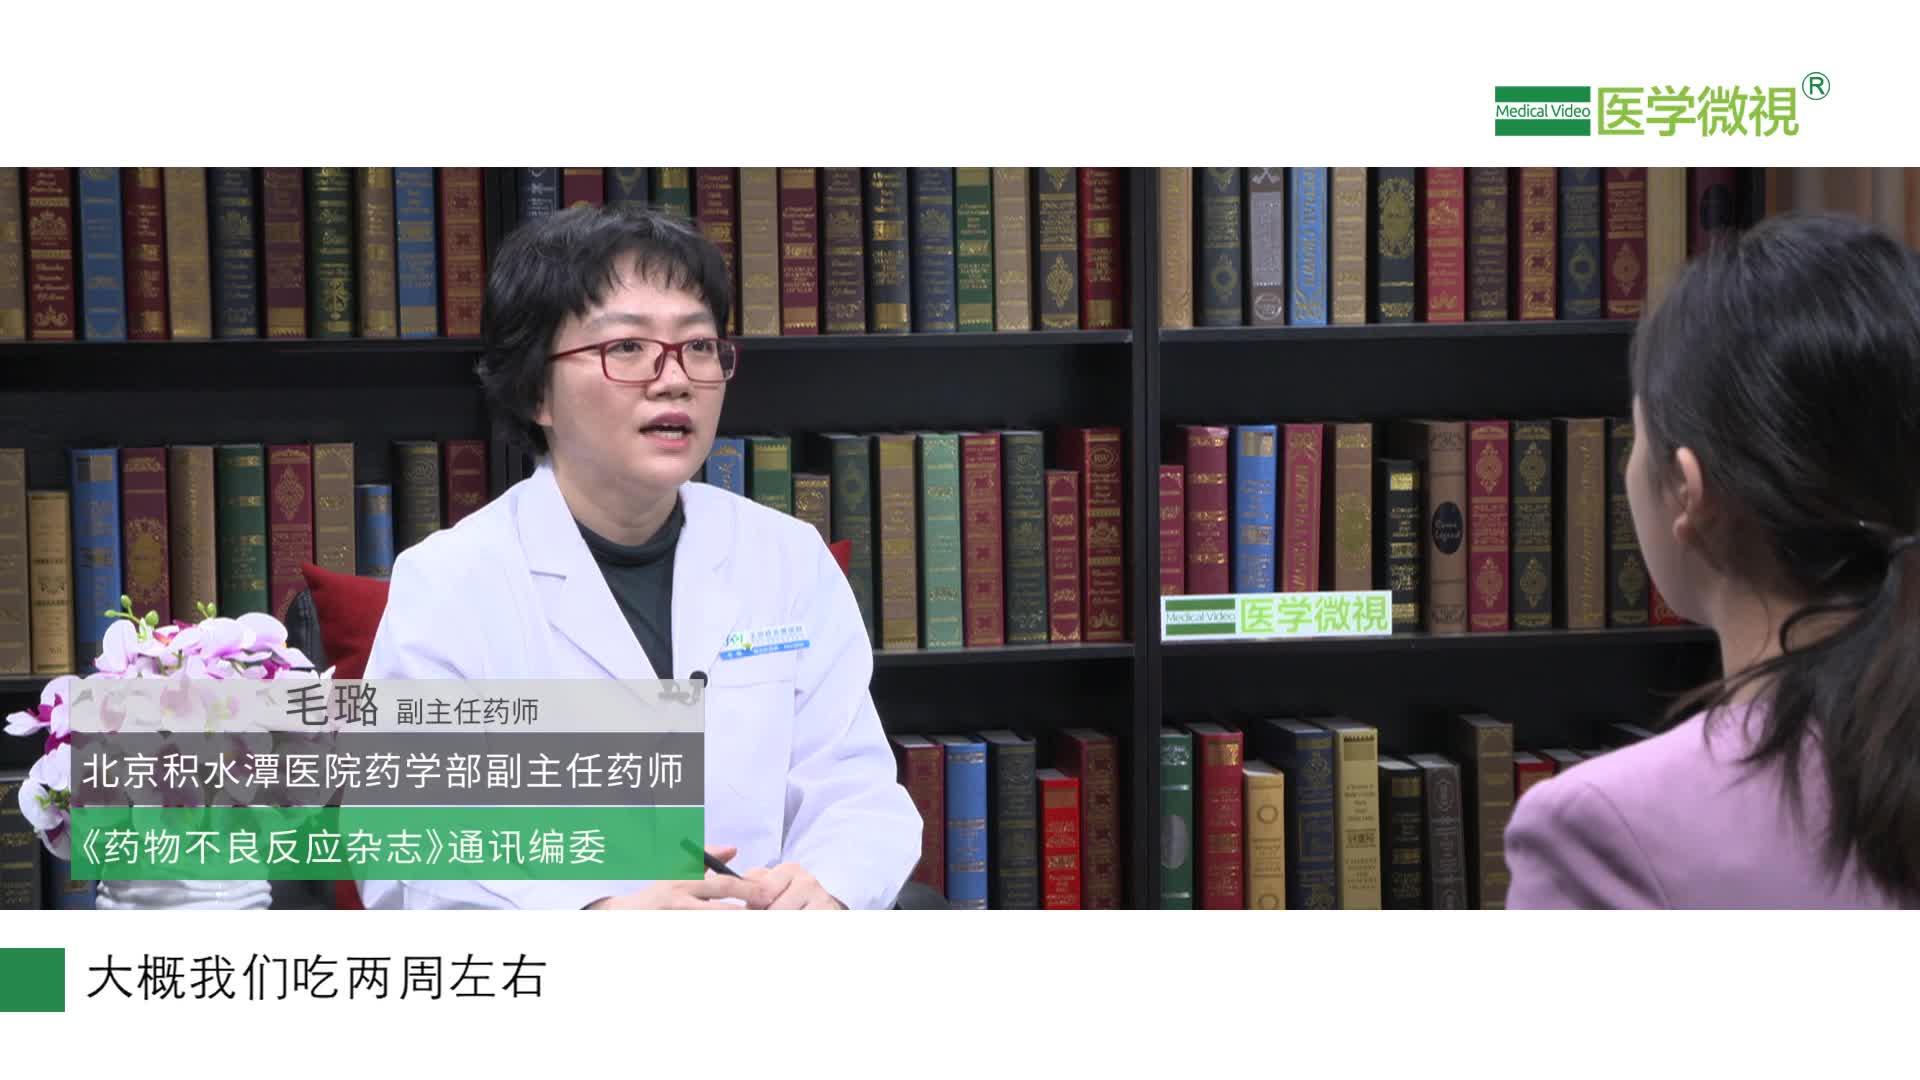 双氯芬酸治疗关节炎多久见效?需要服用多久?能长期用吗?